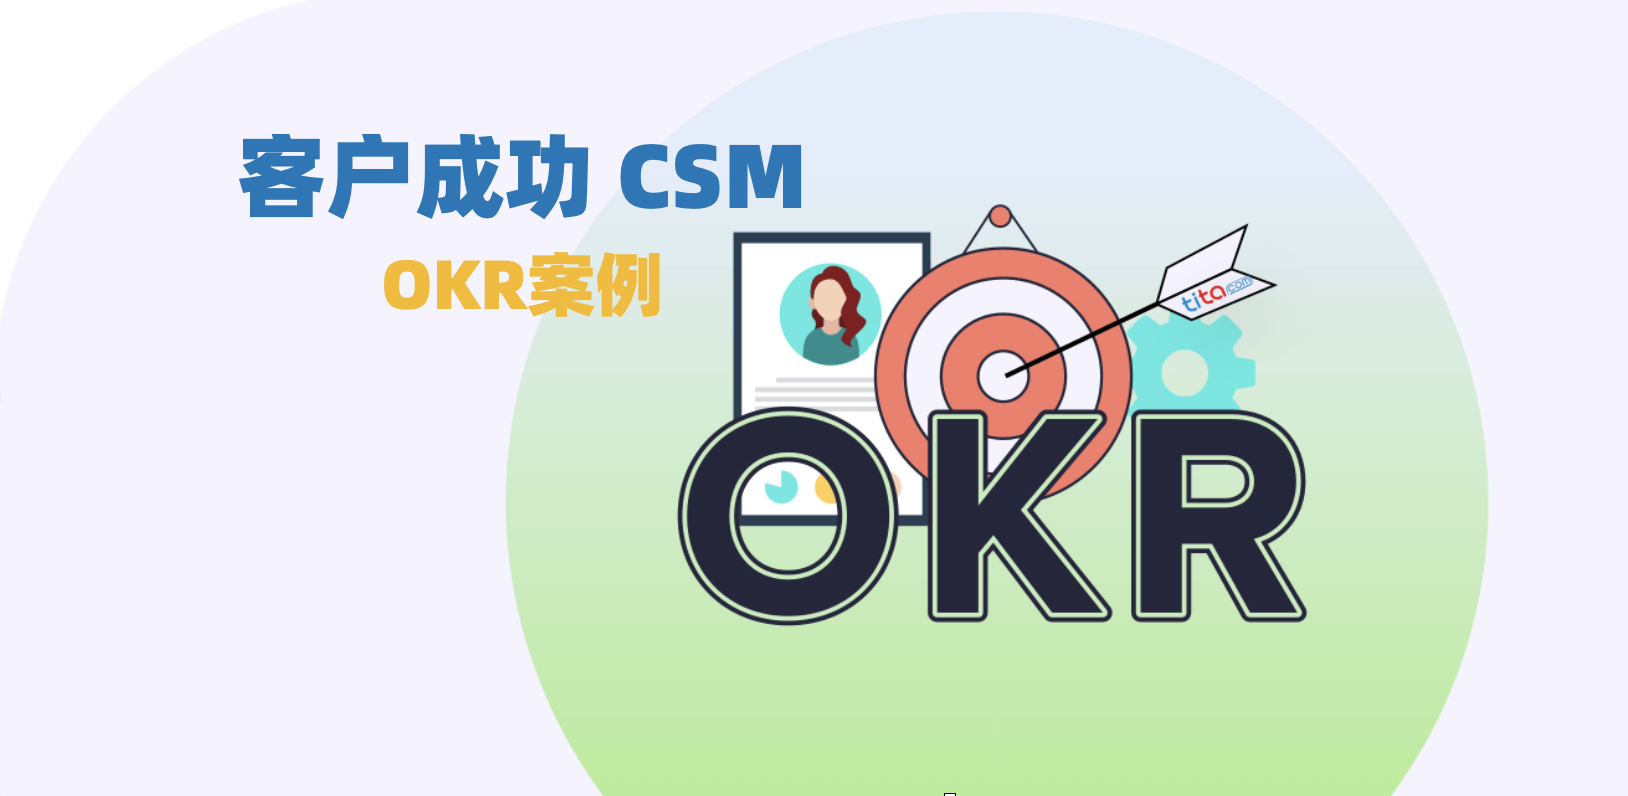 最新CSM客户成功 OKR 案例:以指导、激励和调整您的团队